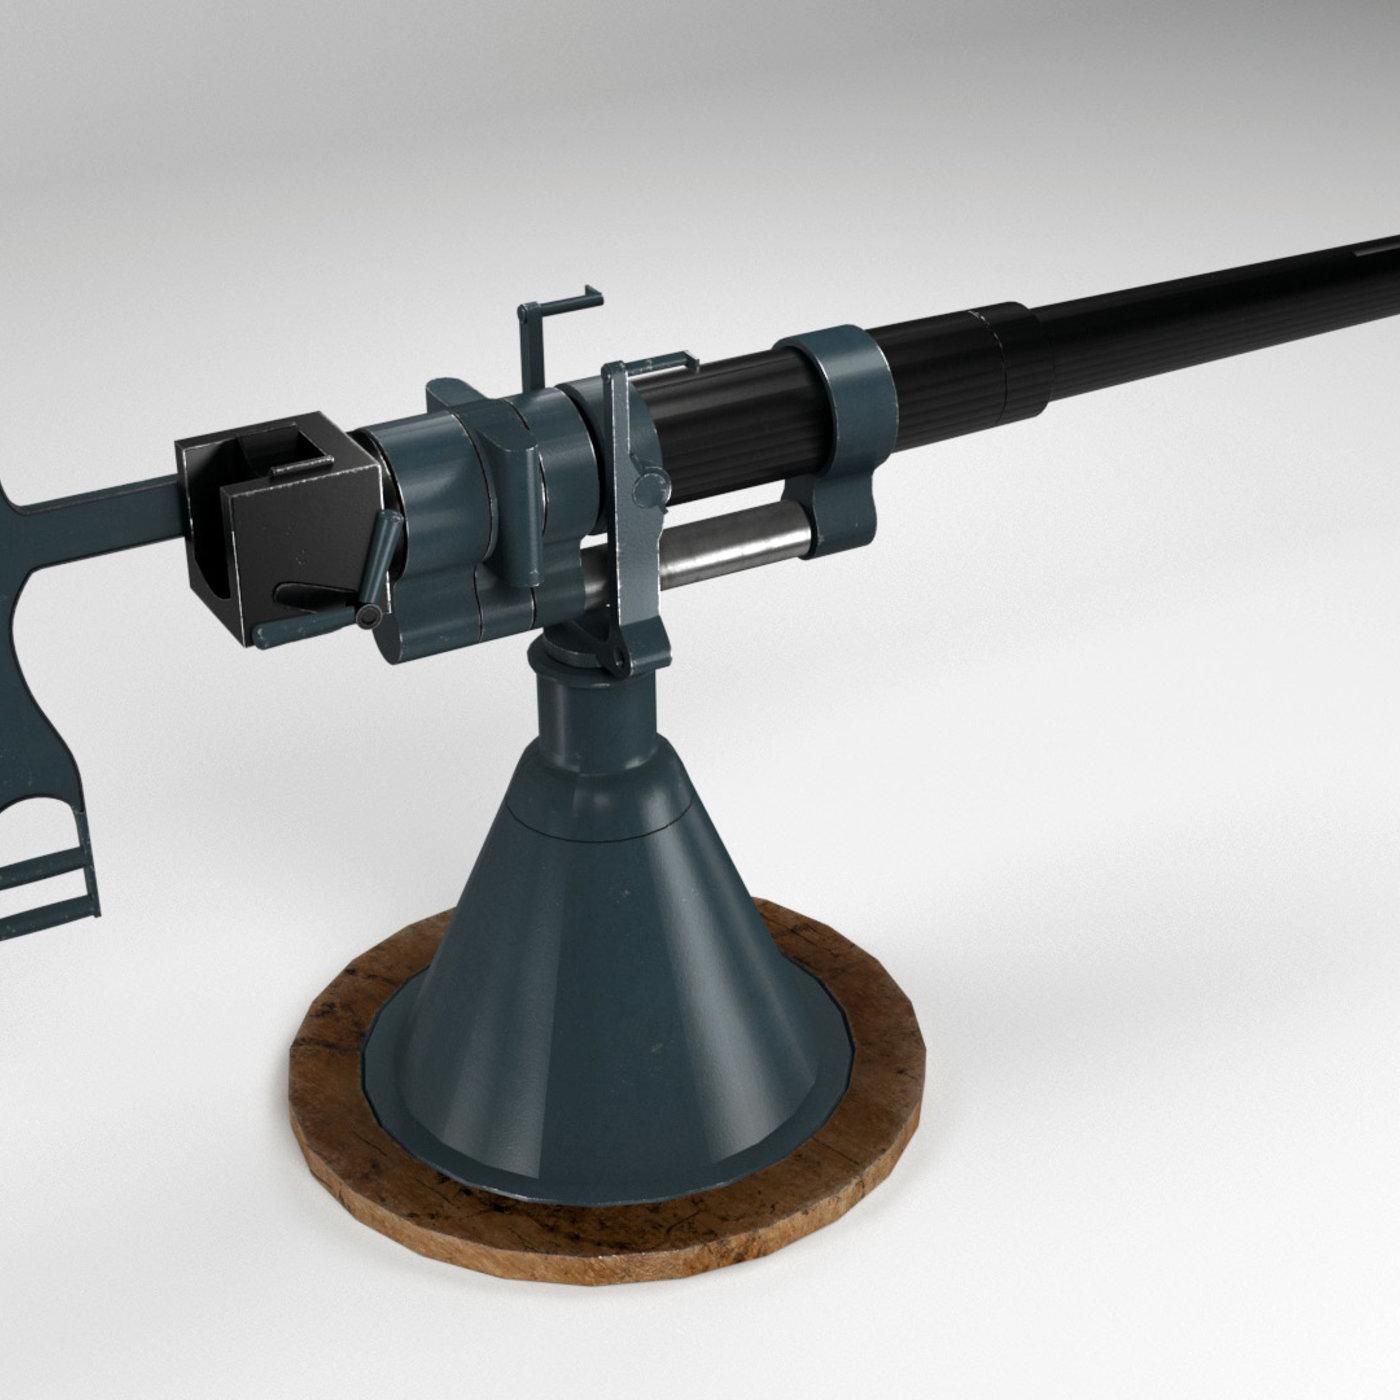 47-mm Hotchkiss gun